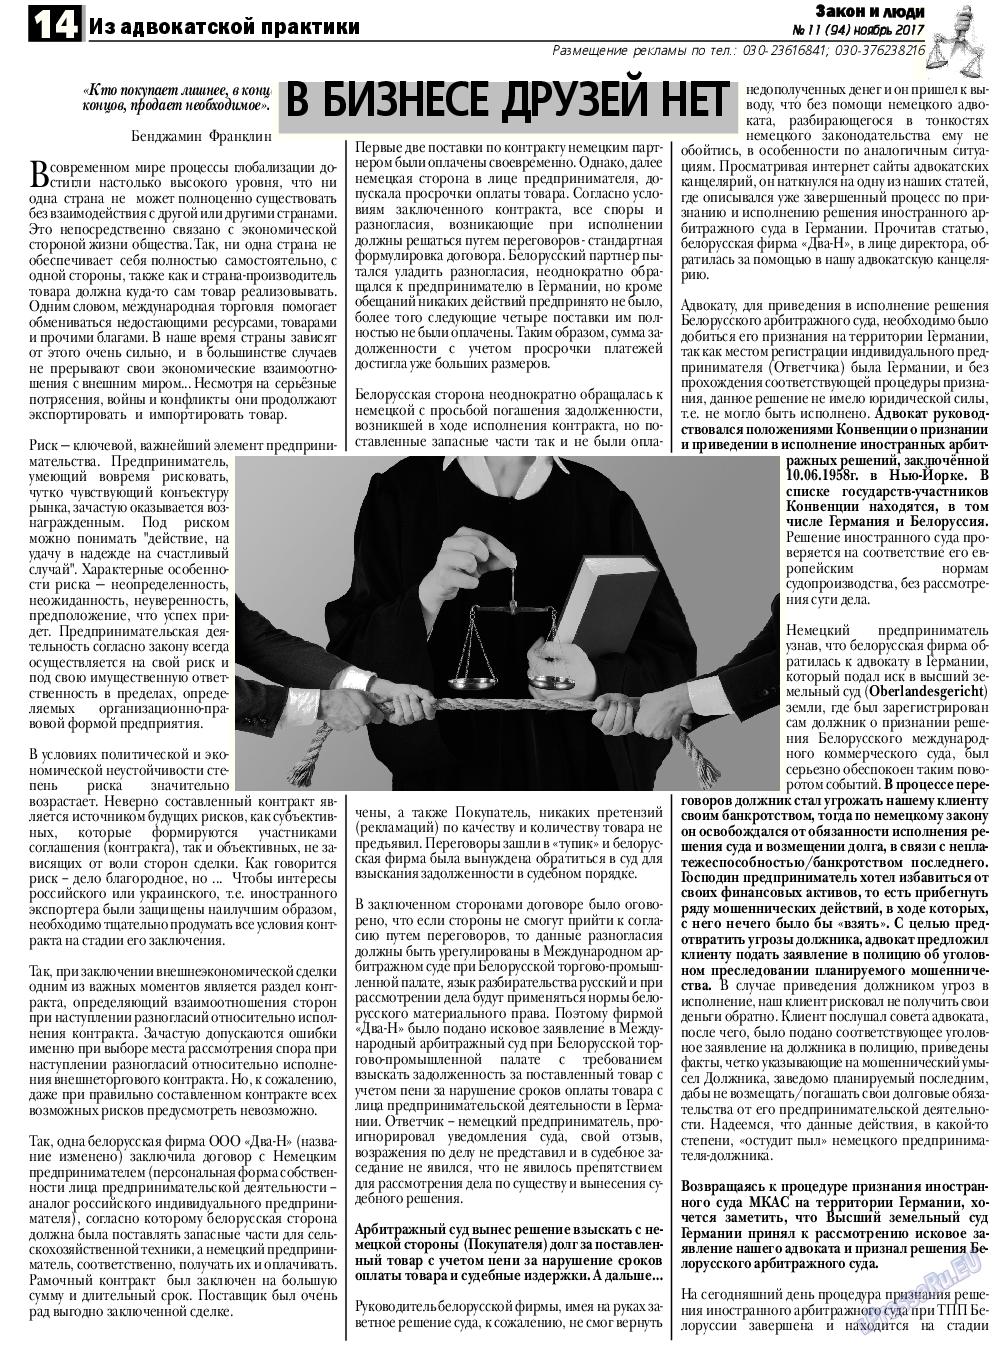 Закон и люди (газета). 2017 год, номер 11, стр. 14